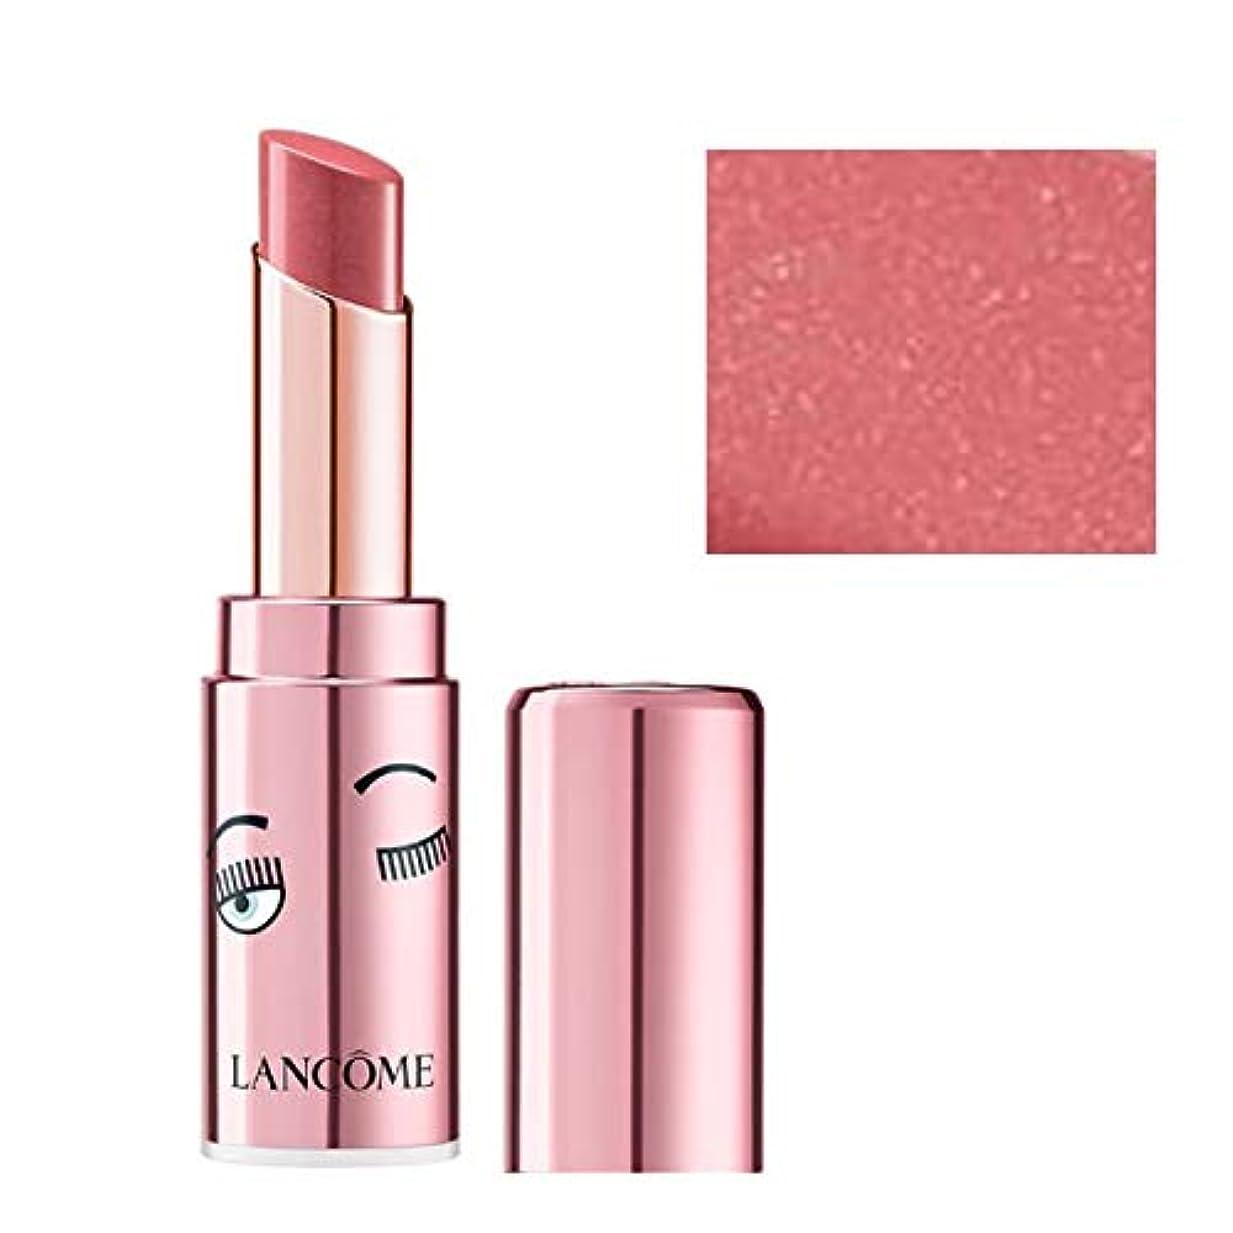 距離ペグ勝利したランコム(LANCOME), 限定版 limited-edition, x Chiara Ferragni L'Absolu Mademoiselle Shine Balm Lipstick - Independent Women [海外直送品] [並行輸入品]